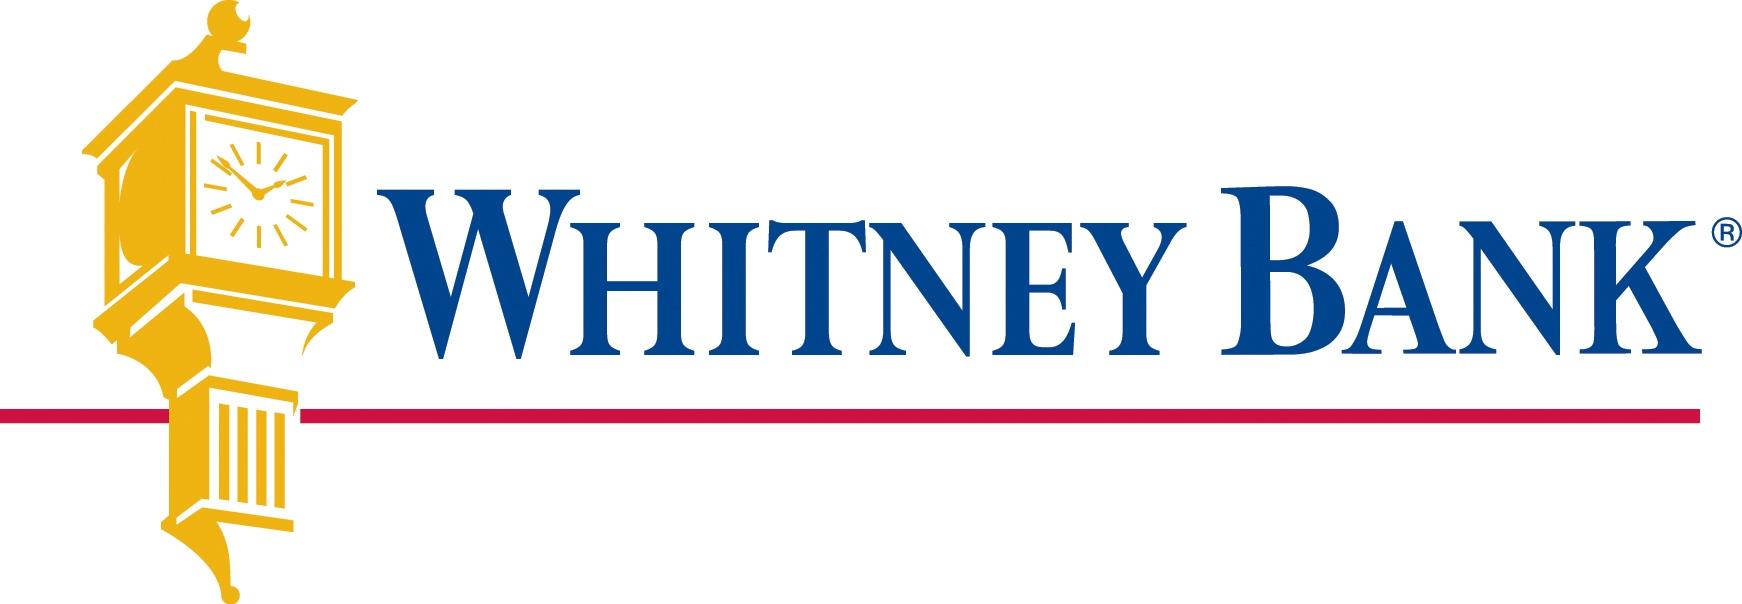 Whitney_Bank_Horiz_NEW.JPG